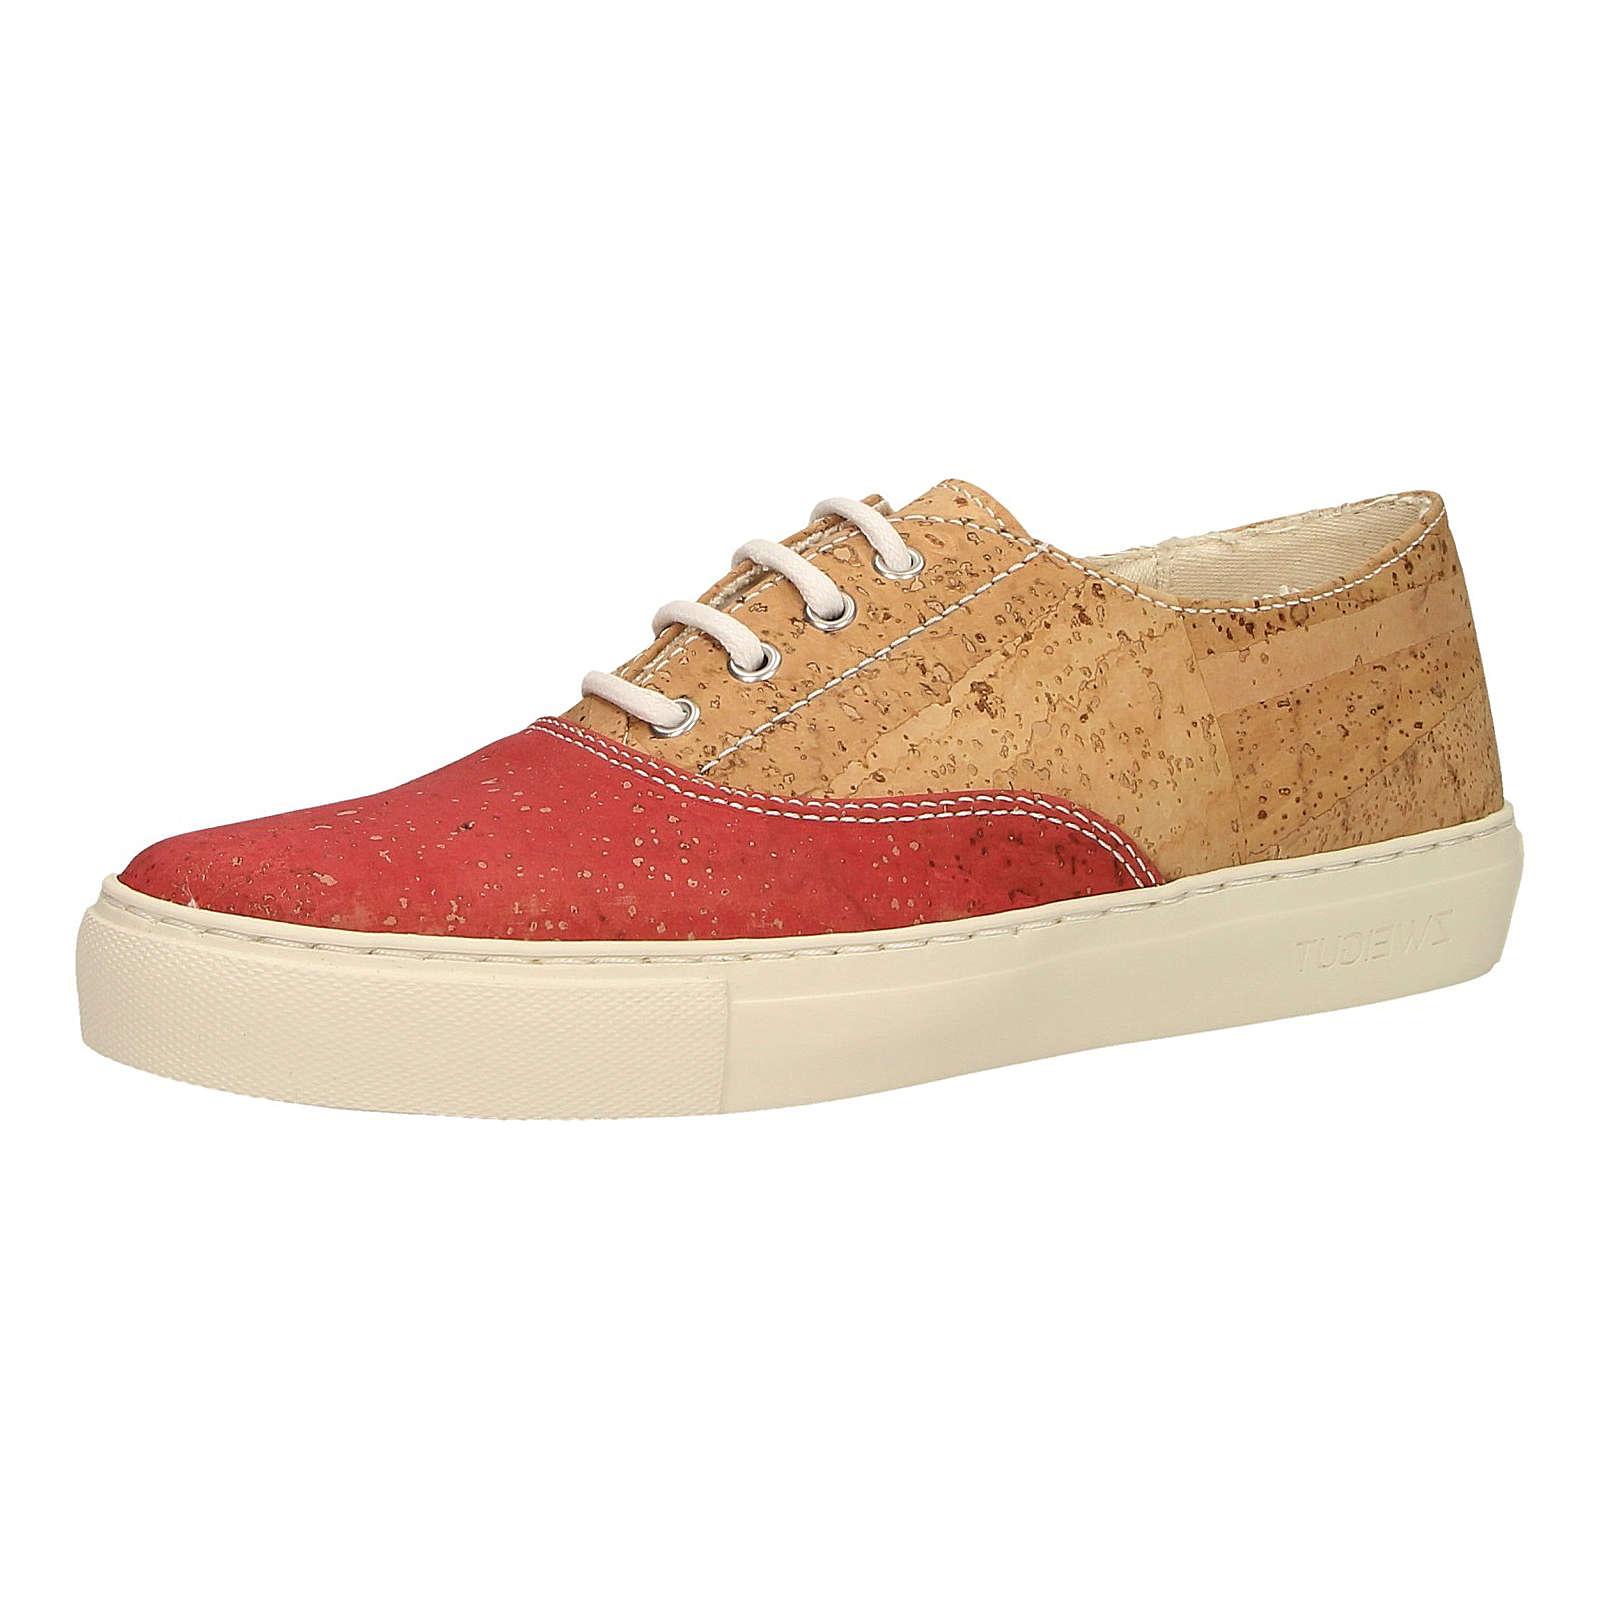 ZWEIGUT® Korkschuhe echt #406 vegane Damen Sneaker federleicht rot-kombi Damen Gr. 38